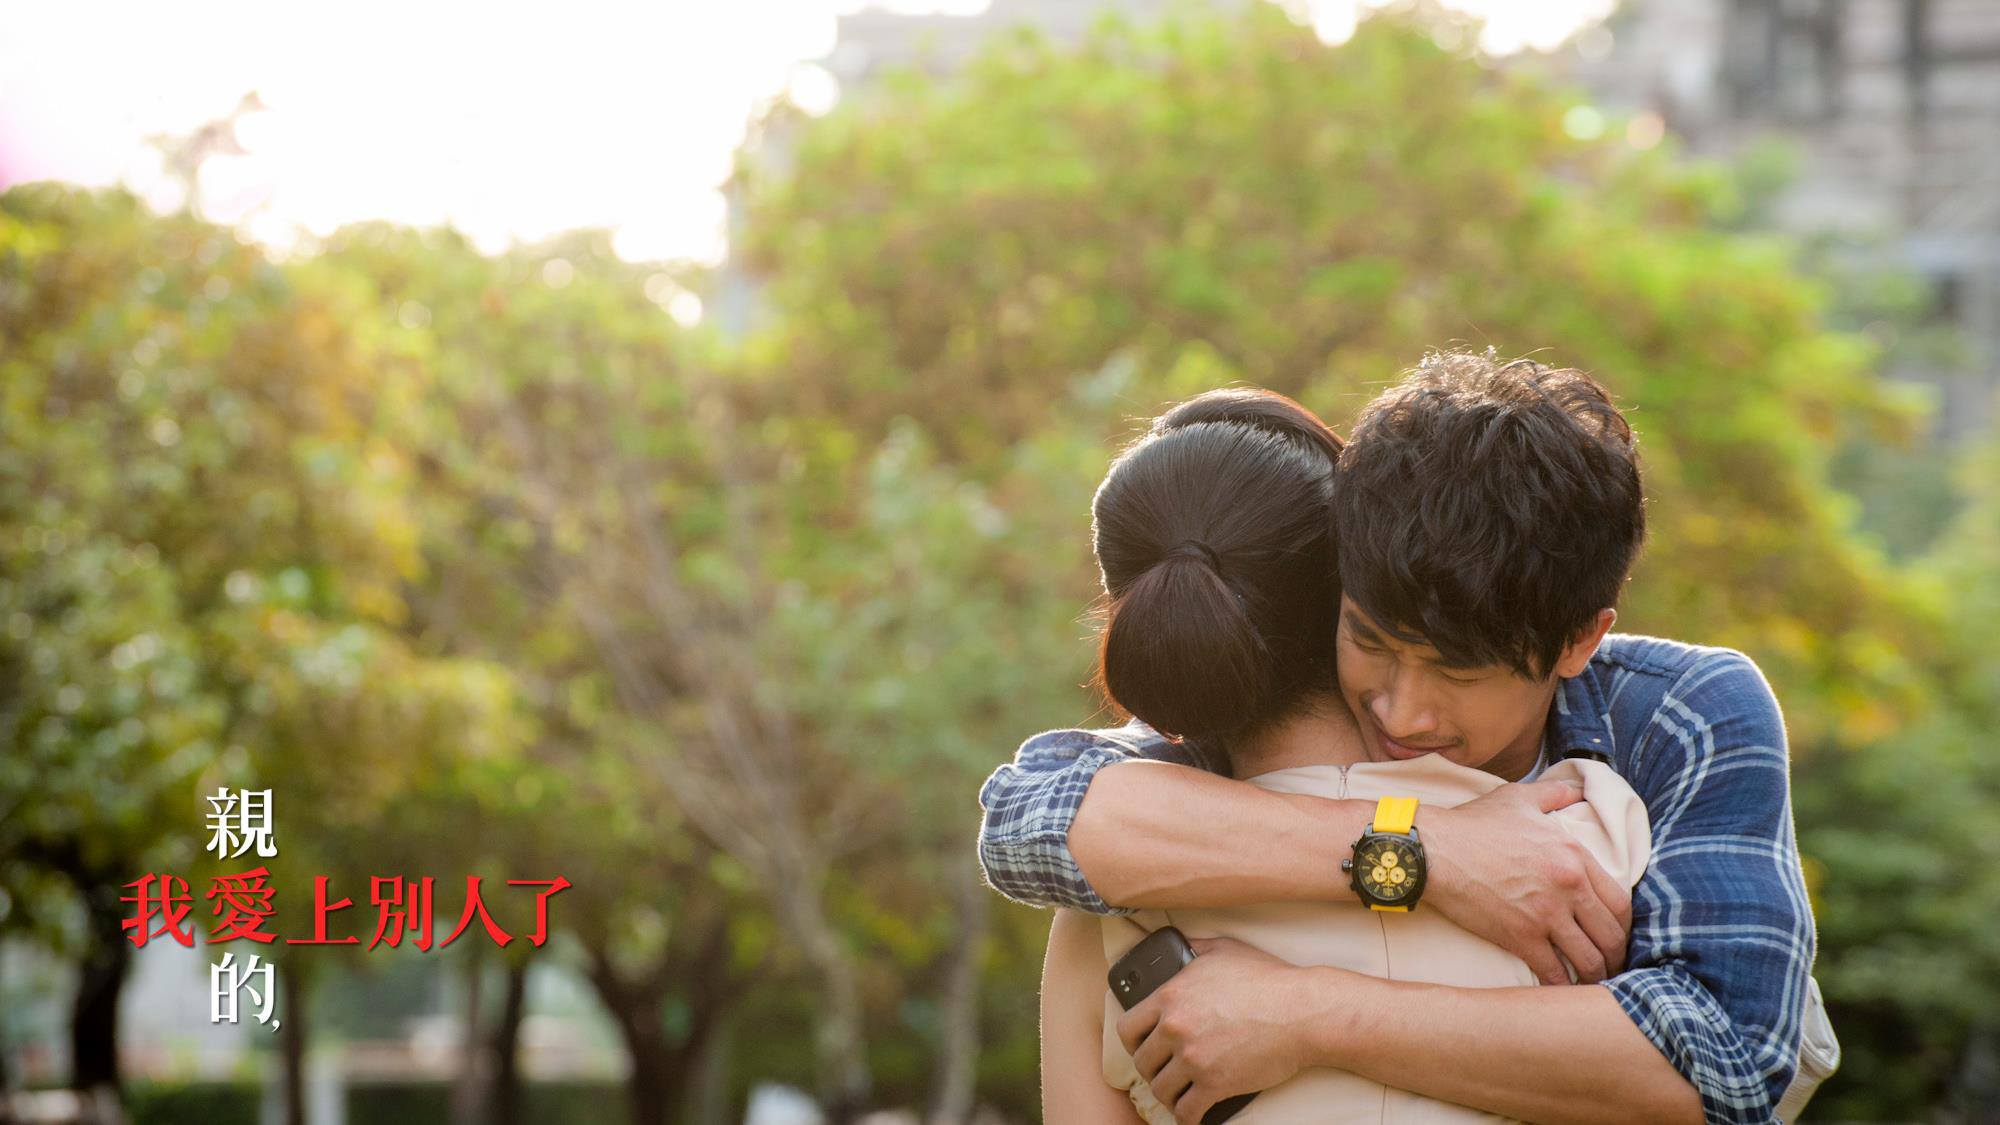 每對情人間都有兩個故事,夫妻之間,又何嘗不是如此。台視合作偶像劇 - 親愛的,我愛上別人了